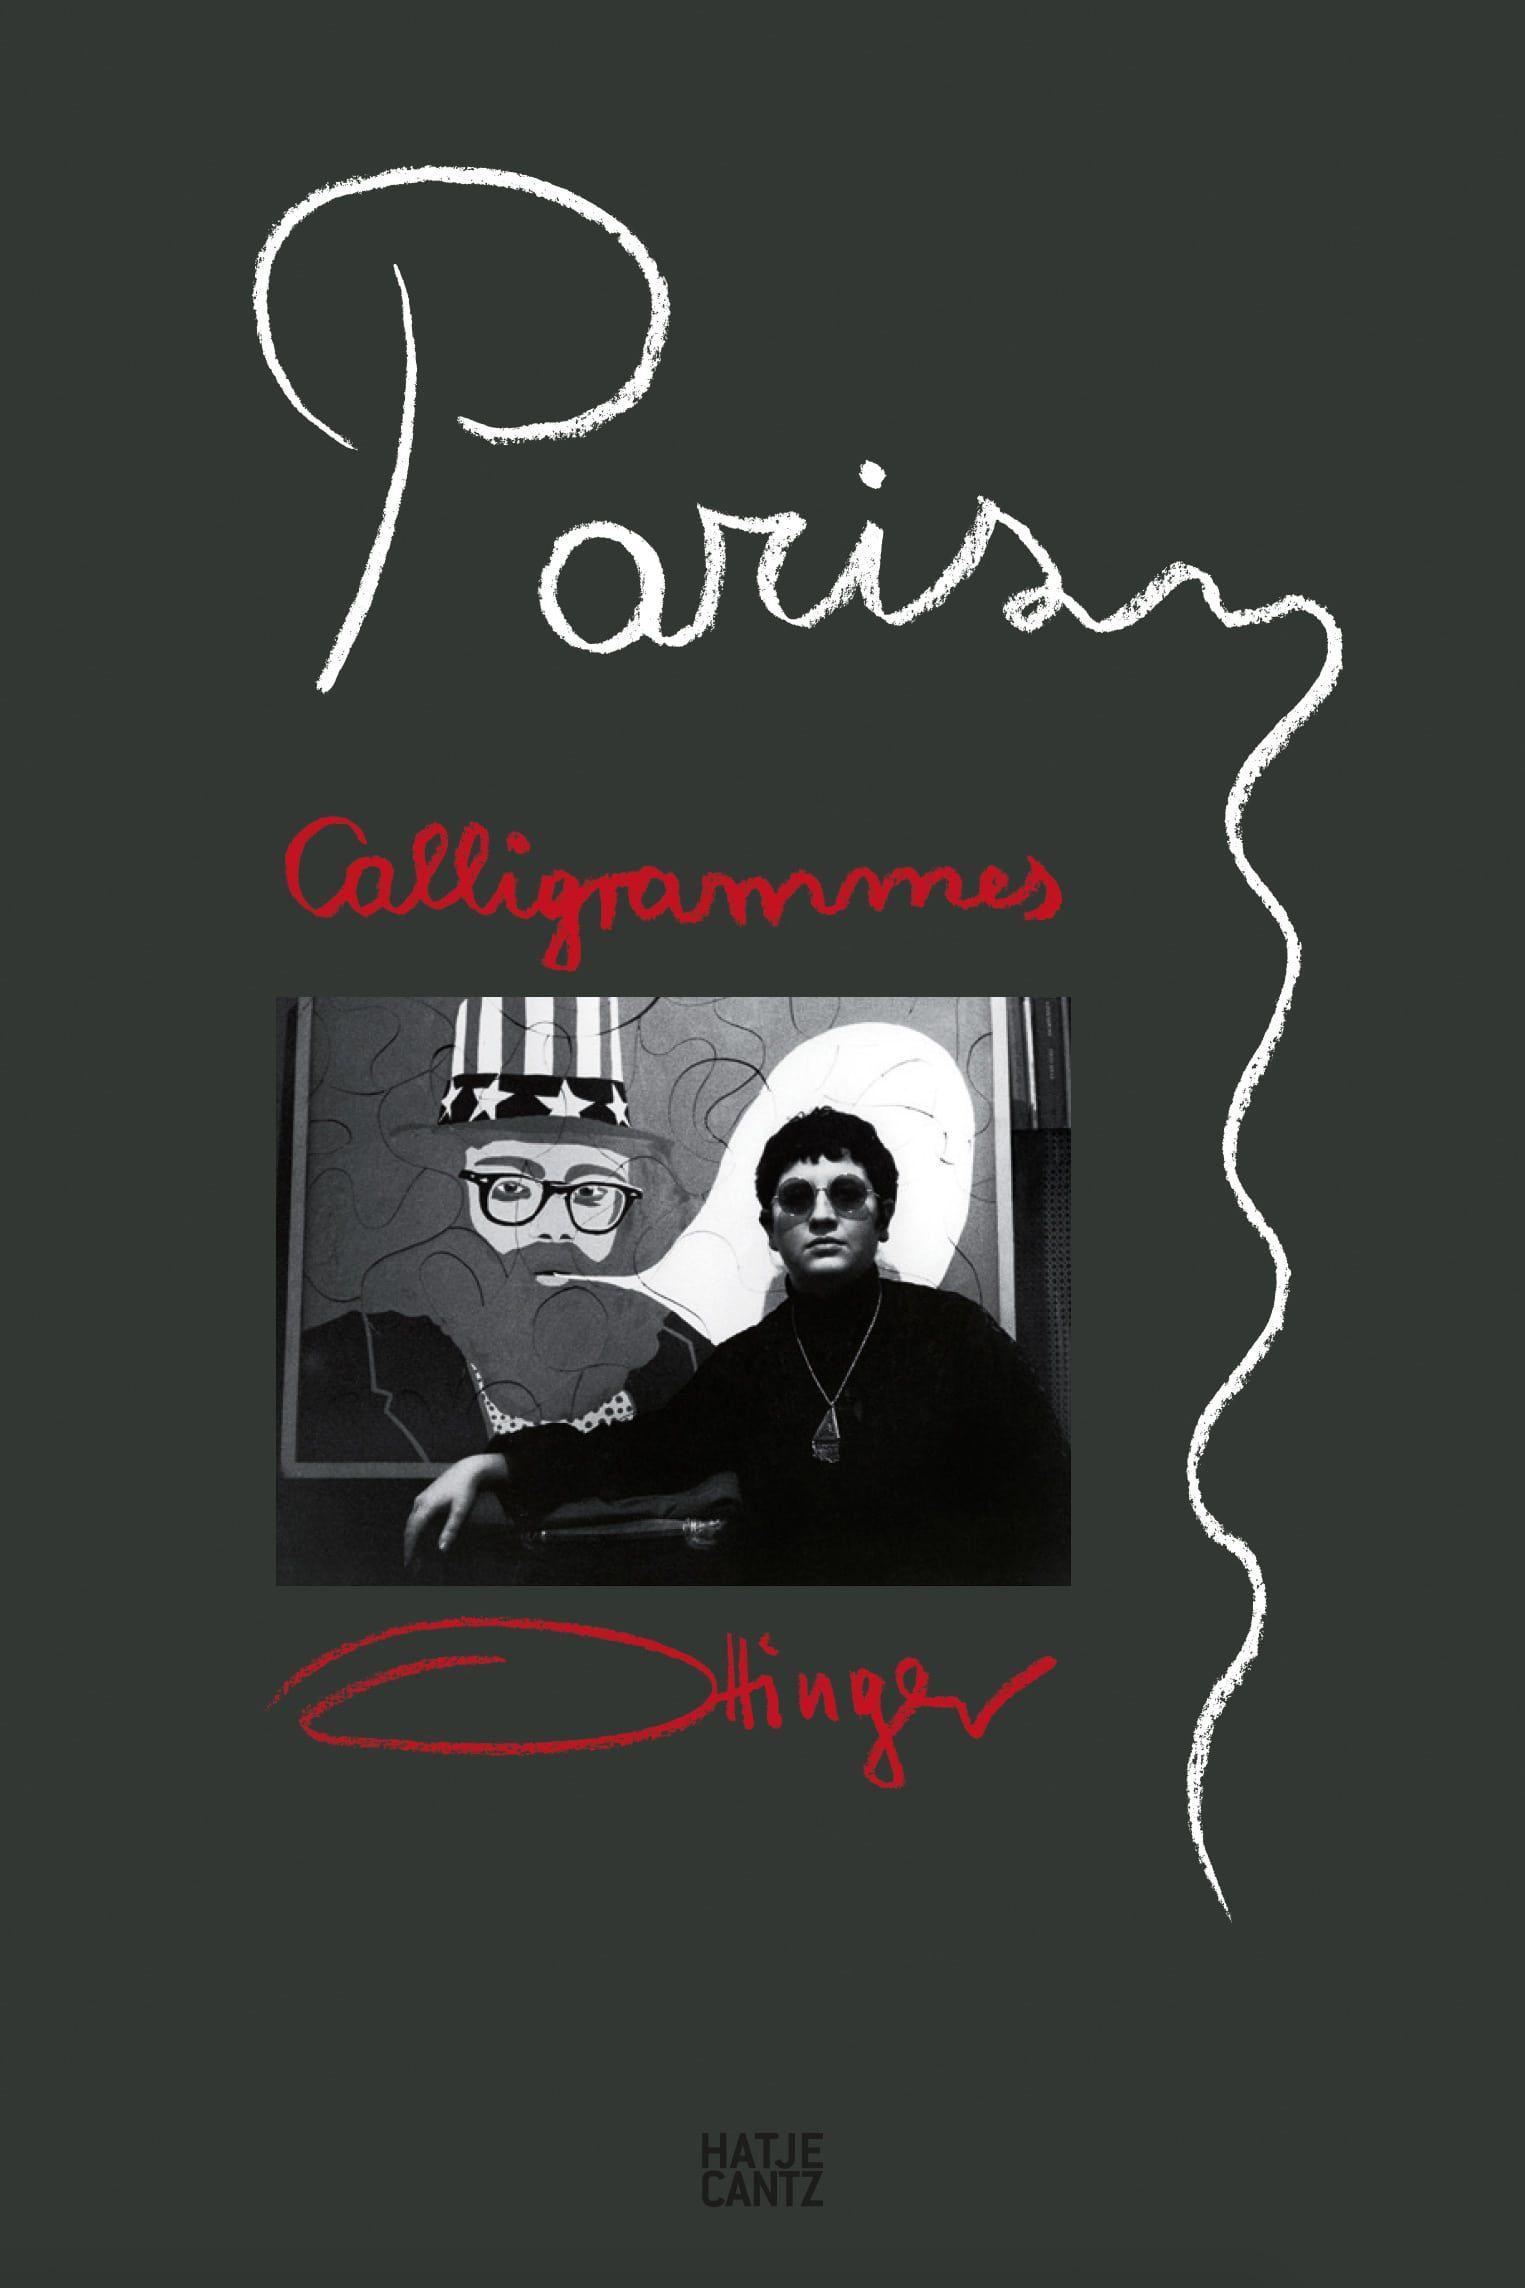 Paris Calligrammes - Documentaire (2020)